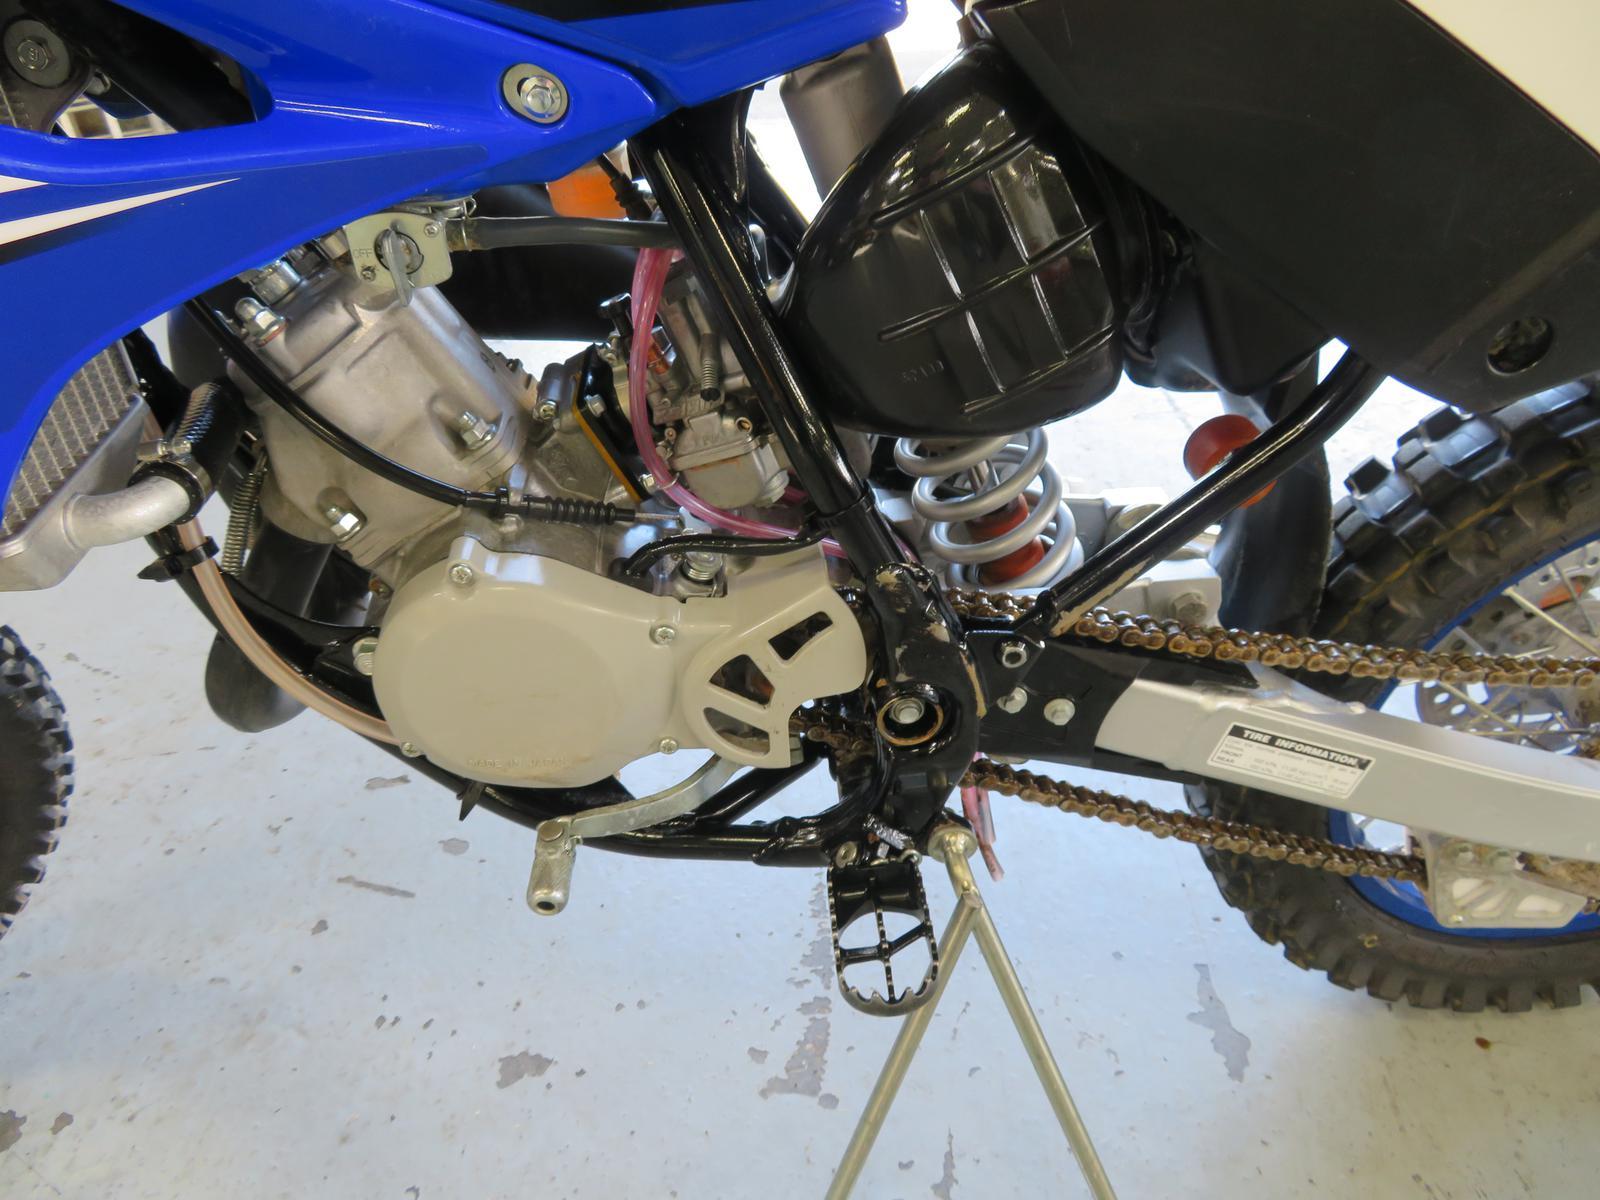 2018 Yamaha YZ85